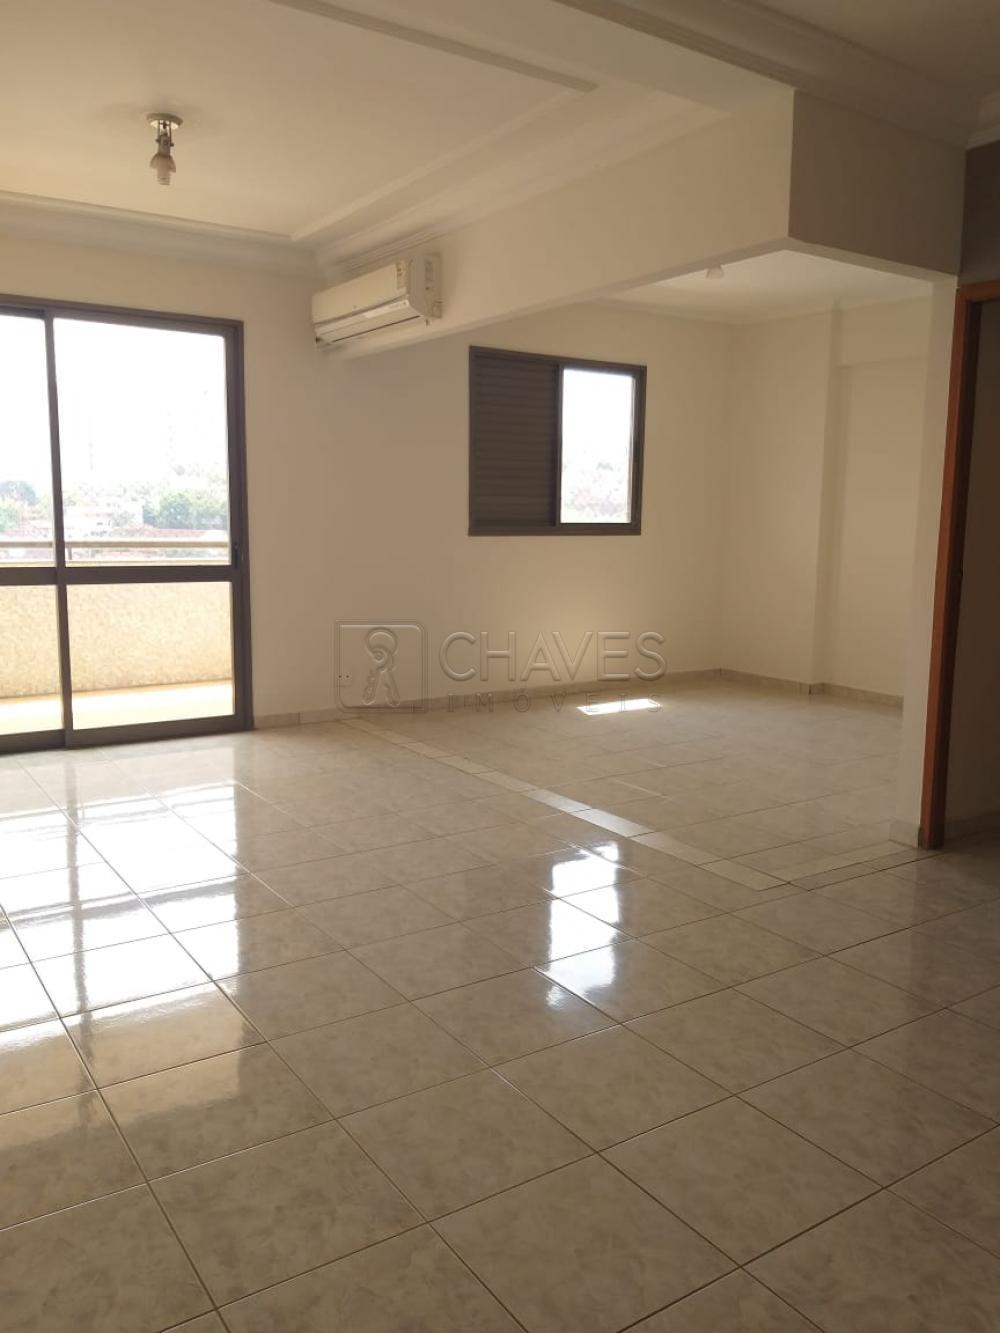 Comprar Apartamento / Padrão em Ribeirão Preto apenas R$ 480.000,00 - Foto 3